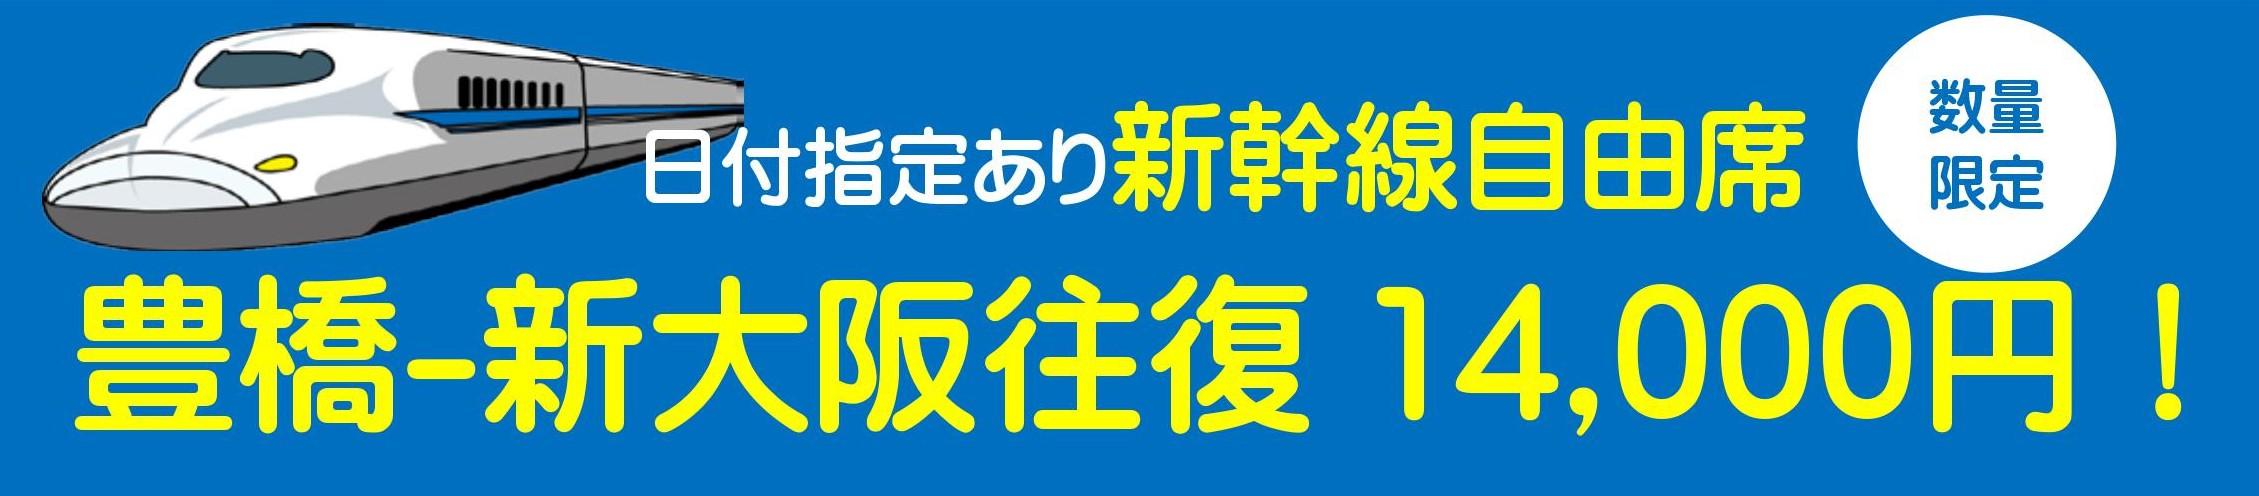 豊橋金券ショップフリーチケット|豊橋‐新大阪早得きっぷ